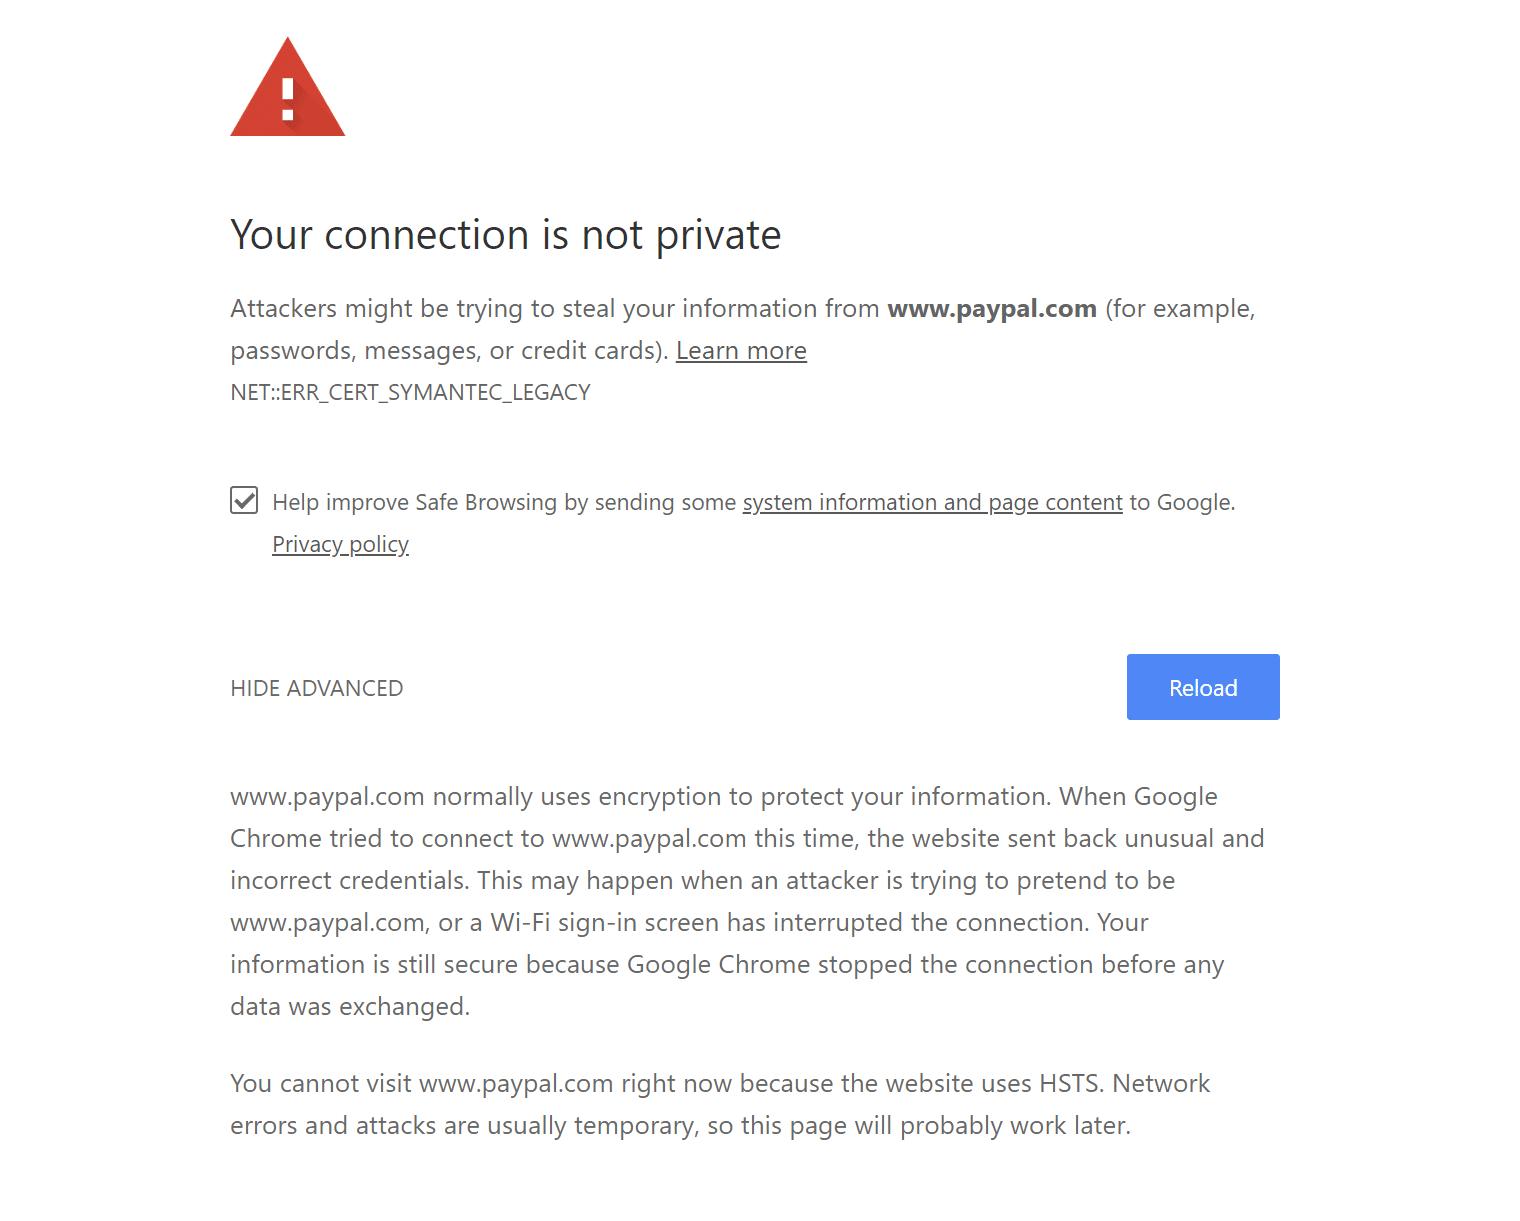 8347e0c02e Comment réparer l'erreur votre connexion n'est pas privée dans ...